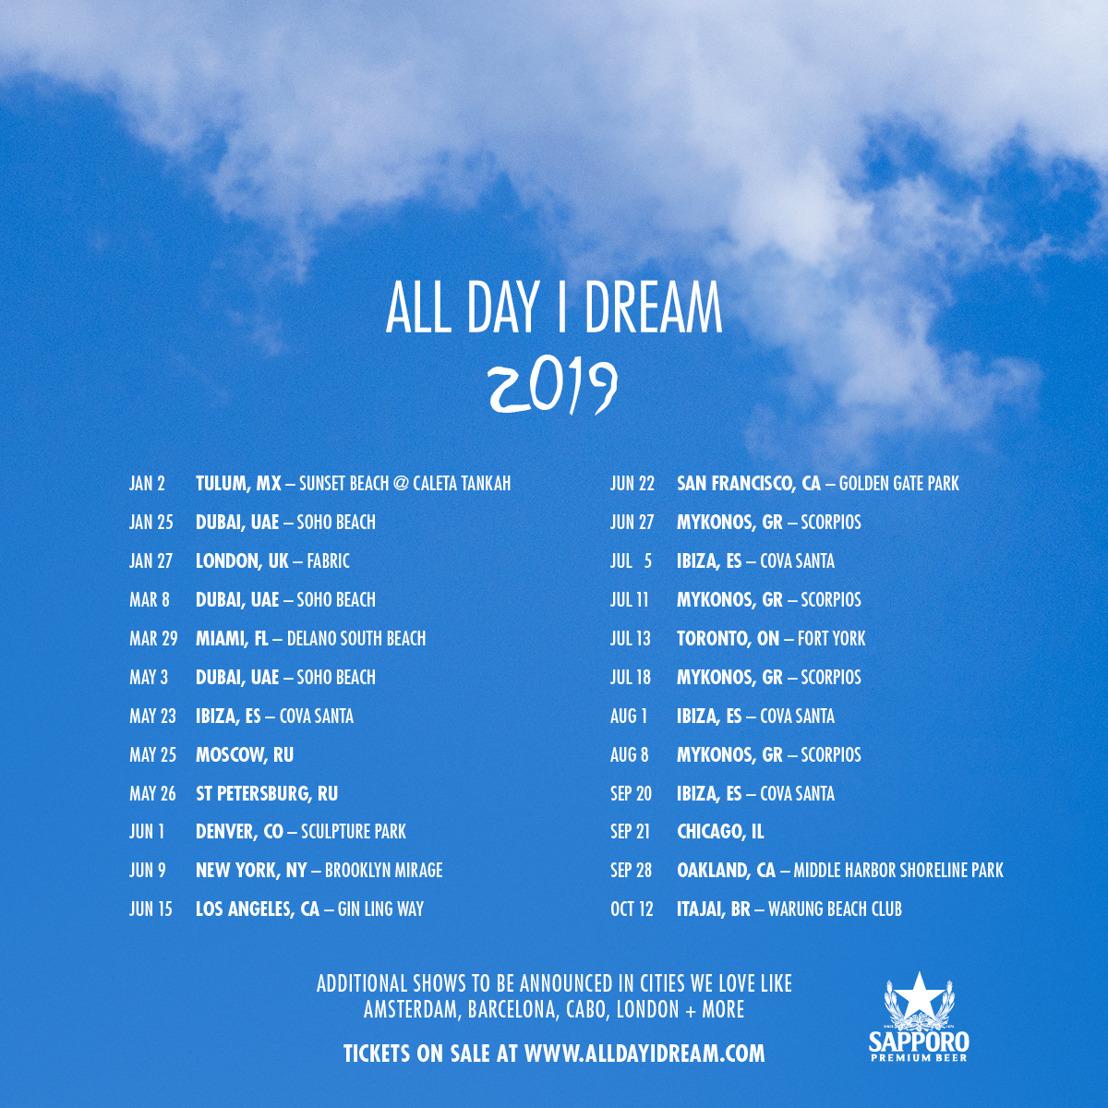 All Day I Dream Announces 2019 World Tour